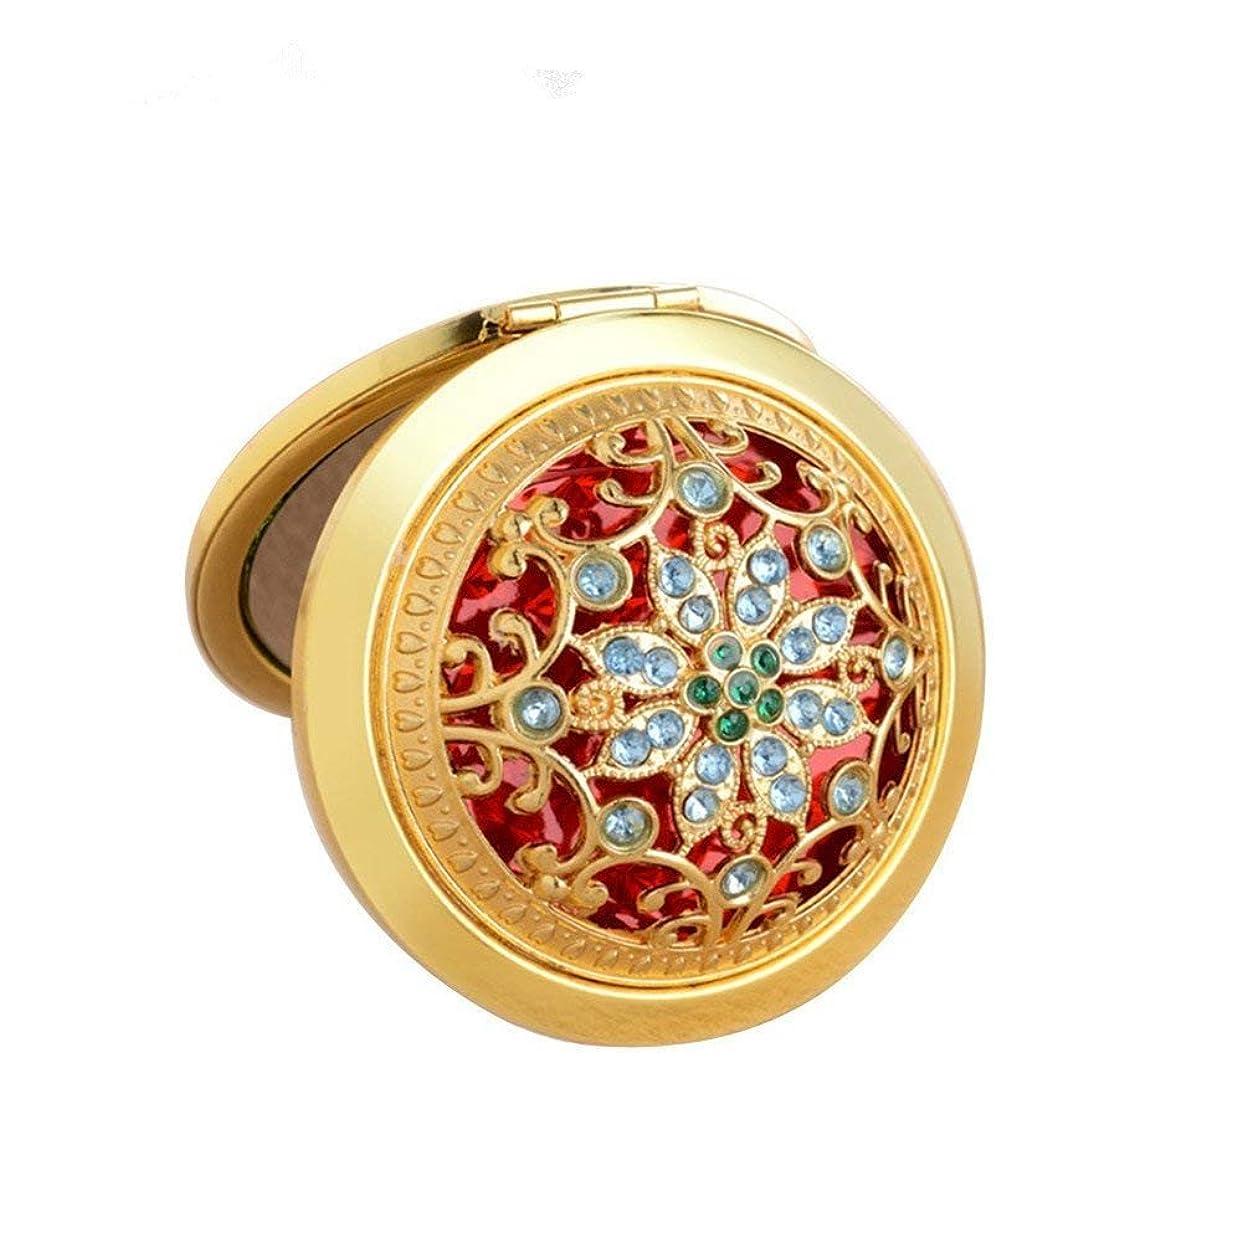 ライド腹バイオレットCOKOOL 化粧鏡 折りたたみ 両面コンパクト ハンド ミラー 手鏡美しいデザイン (ゴールド)